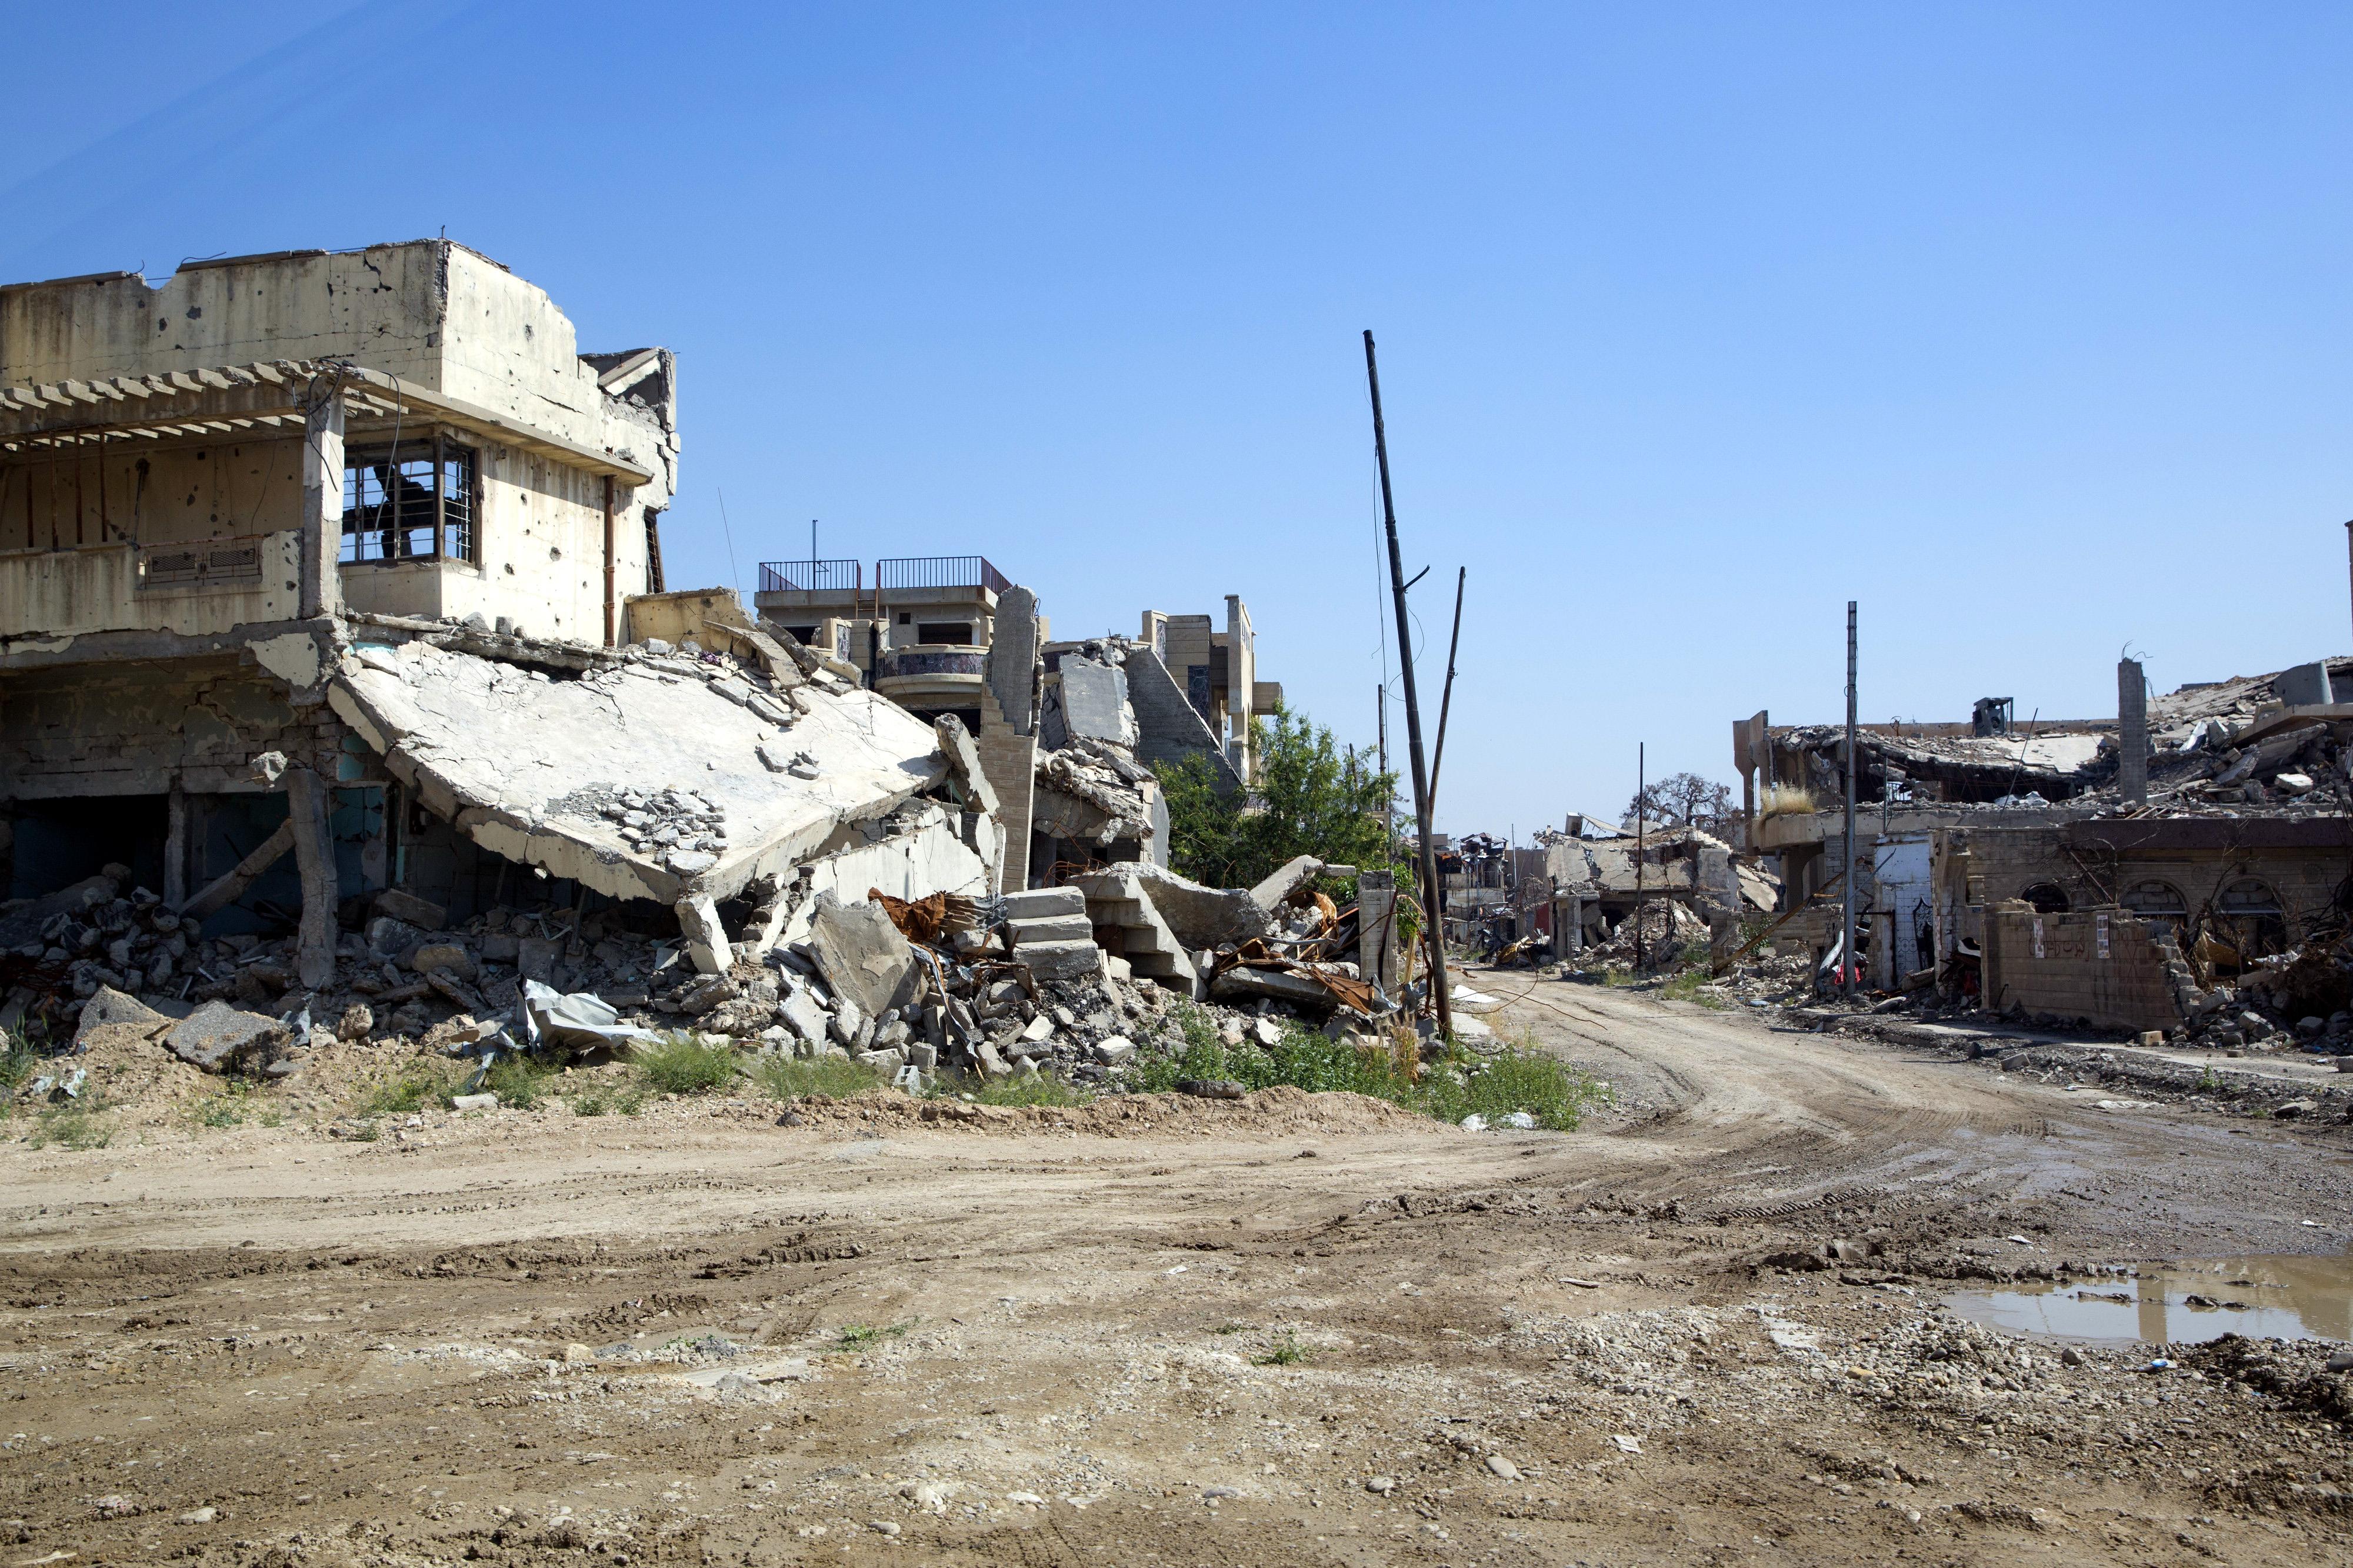 Menschen in der zerstörten Altstadt von Mossul, Irak